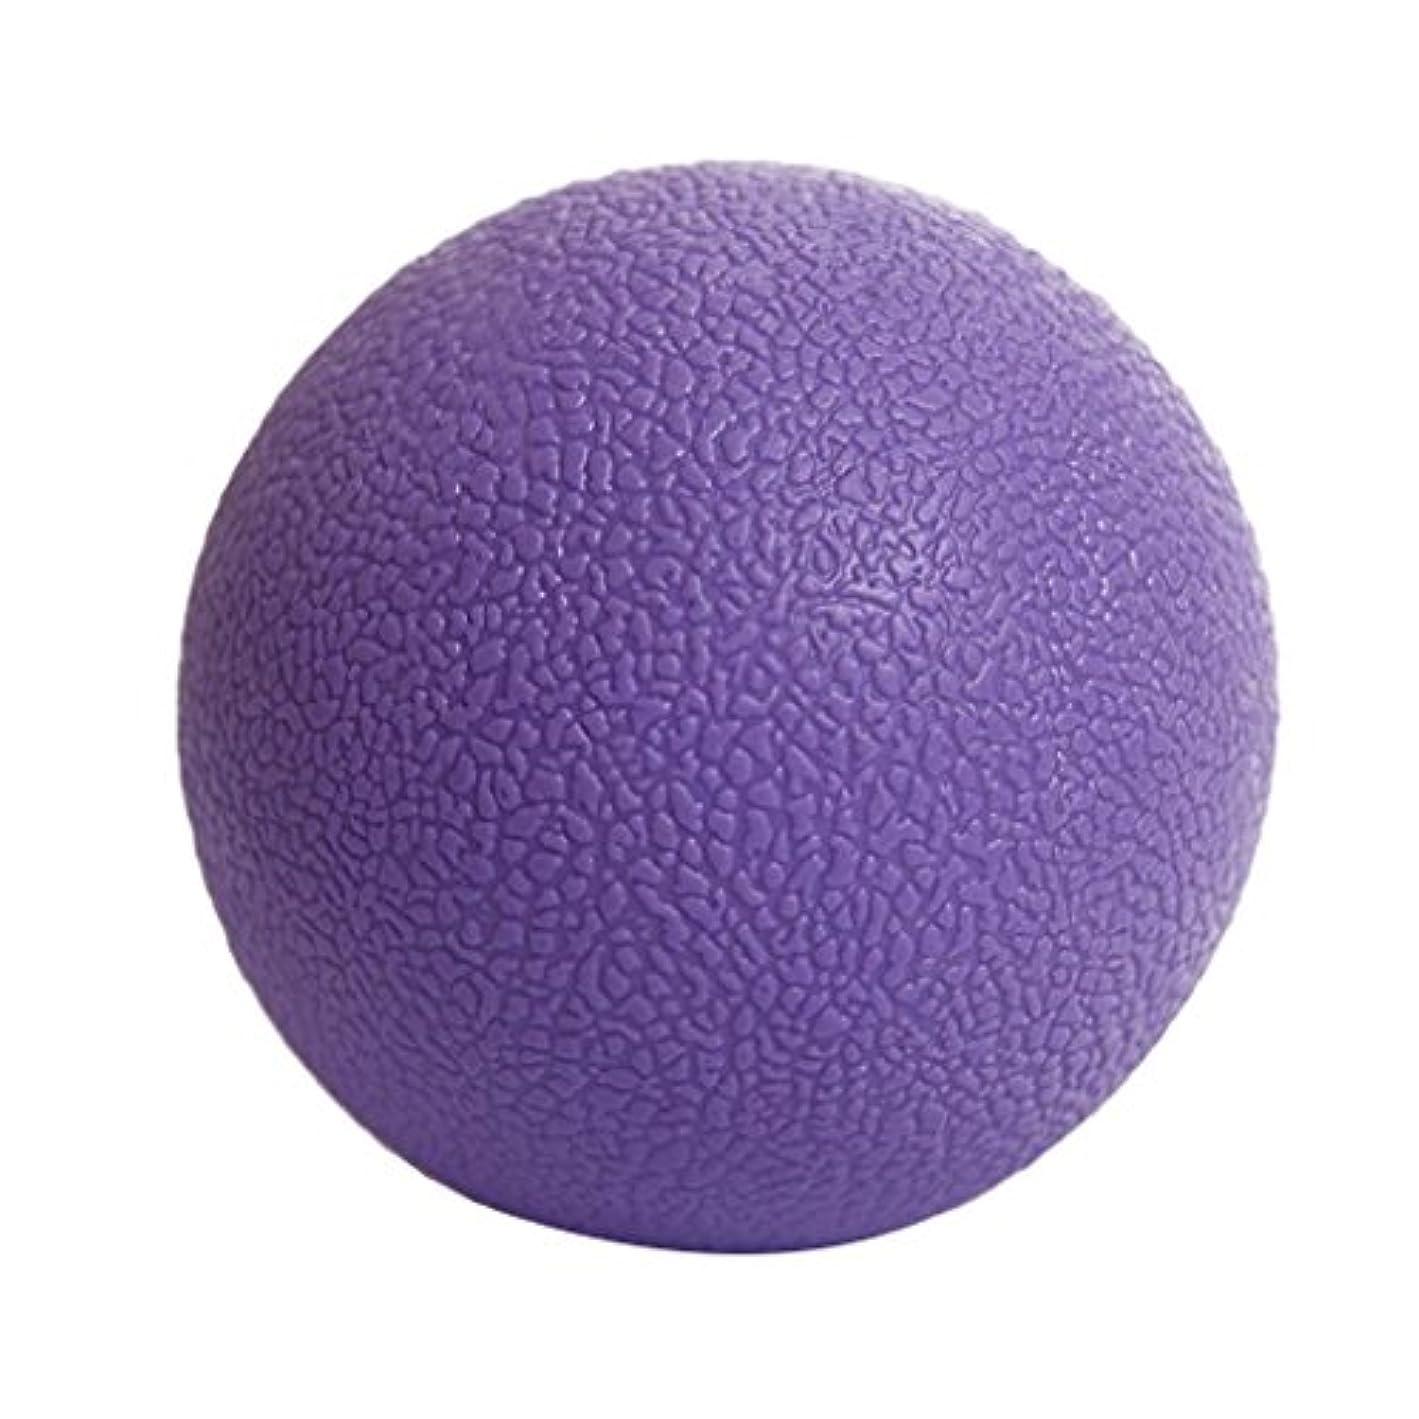 クリップに慣れ転倒マッサージボール ジムフィットネス 筋肉マッサージ ボール トリガーポイント 4色選べる - 紫の, 説明したように